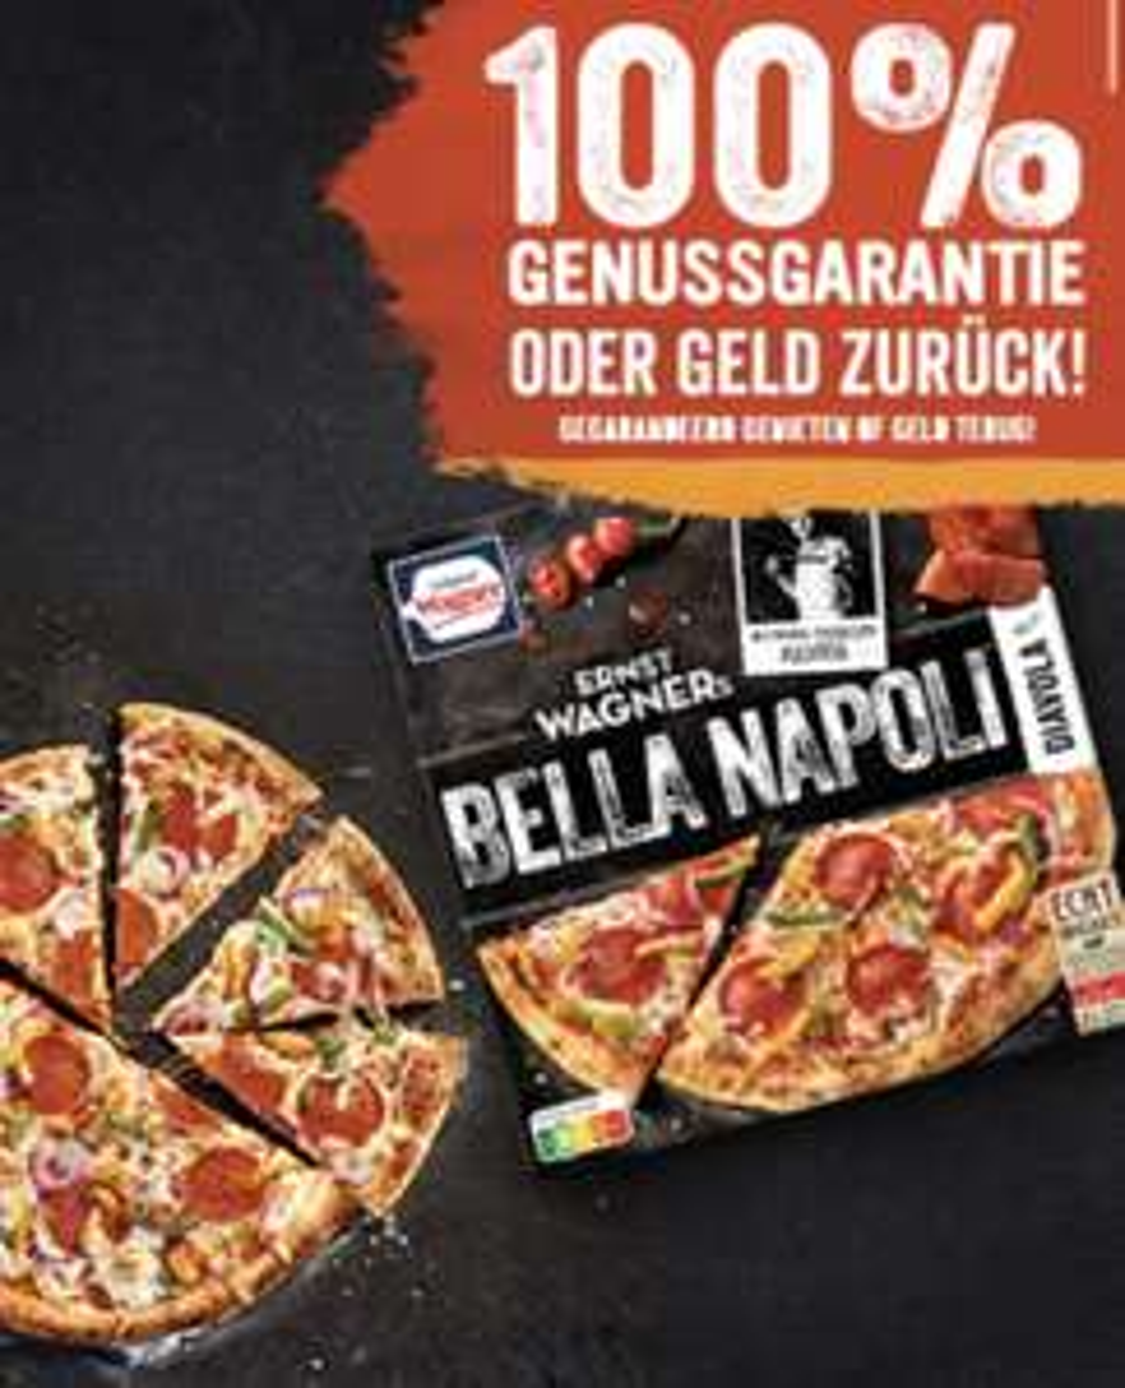 [GzG] Wagner Pizza Bella Napoli Genussgarantie oder Geld zurück ab 16.08.21